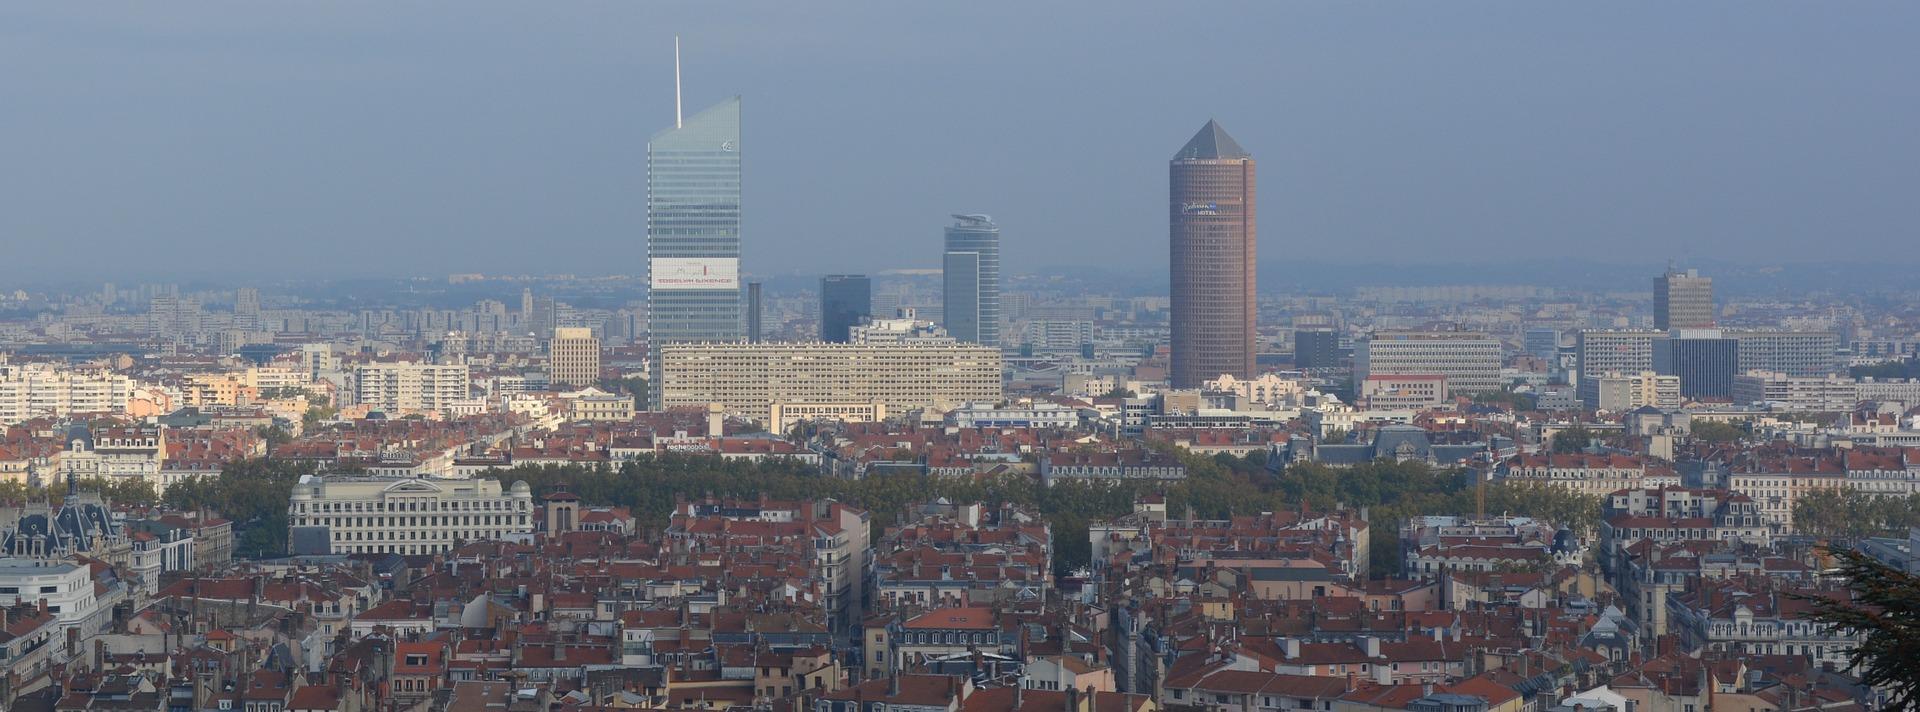 Lyon une métropole en pleine expansion